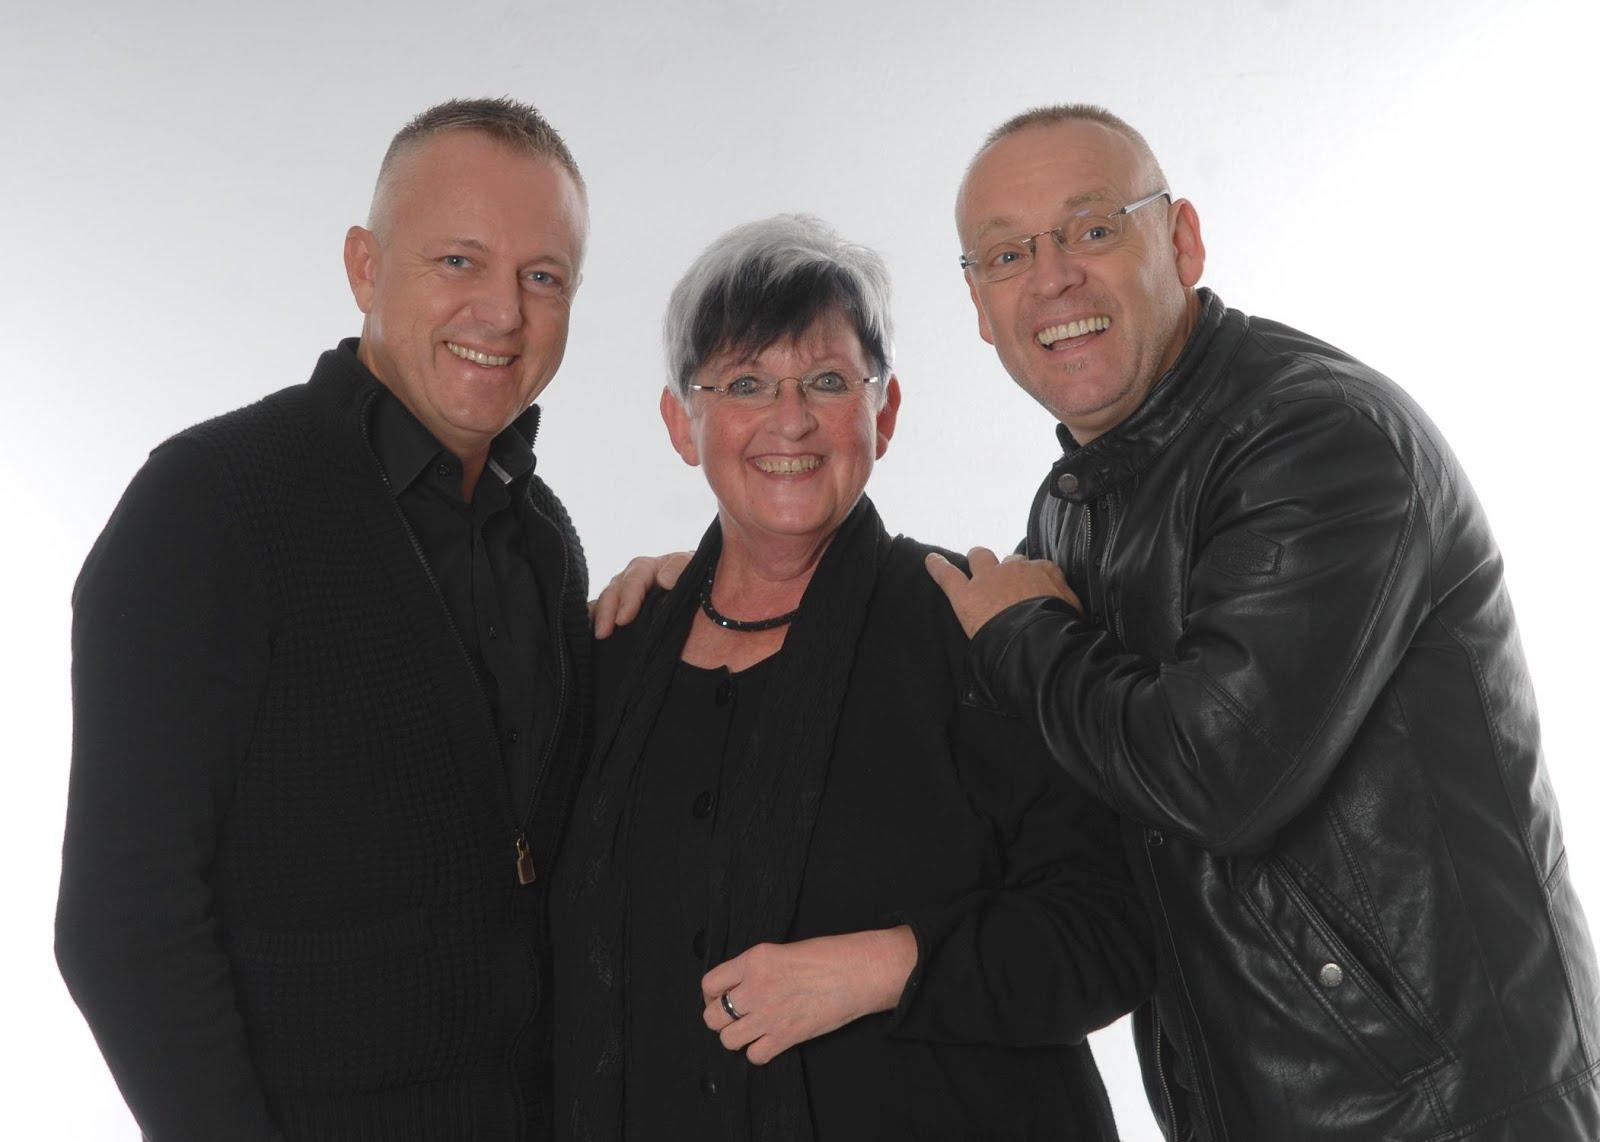 Mit meinen Freunden Christophe Bossu (Lyriker) und Andreas Koch (Konzertgitarrist)